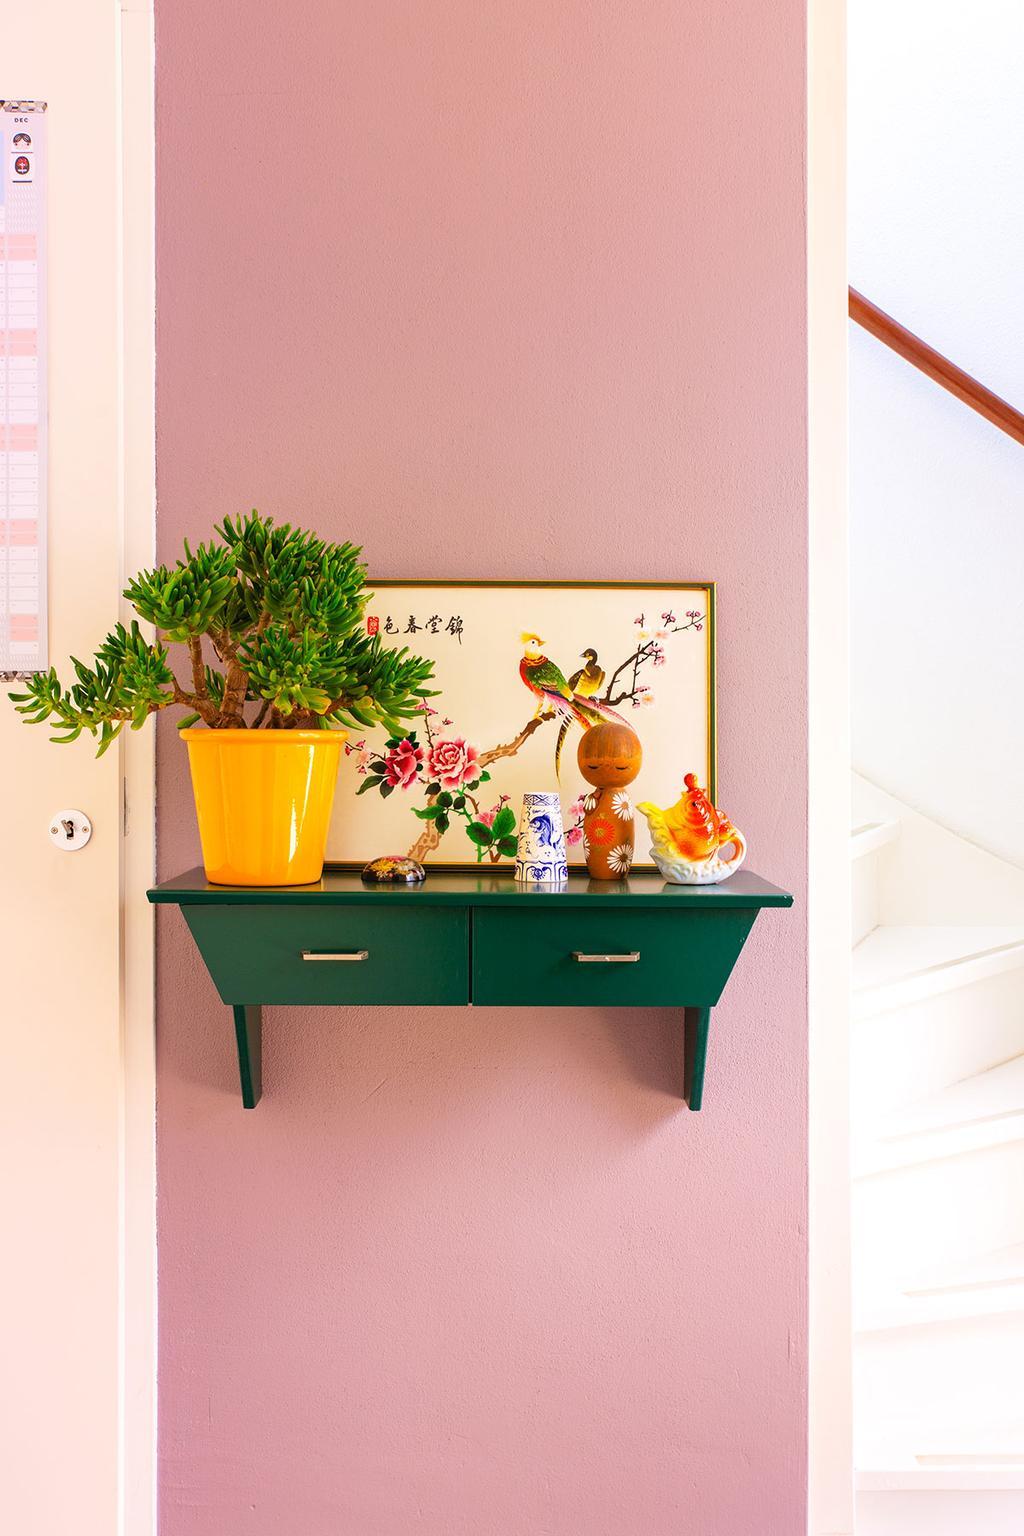 Plank met chinoiserie en kokeshi tegen een roze wand